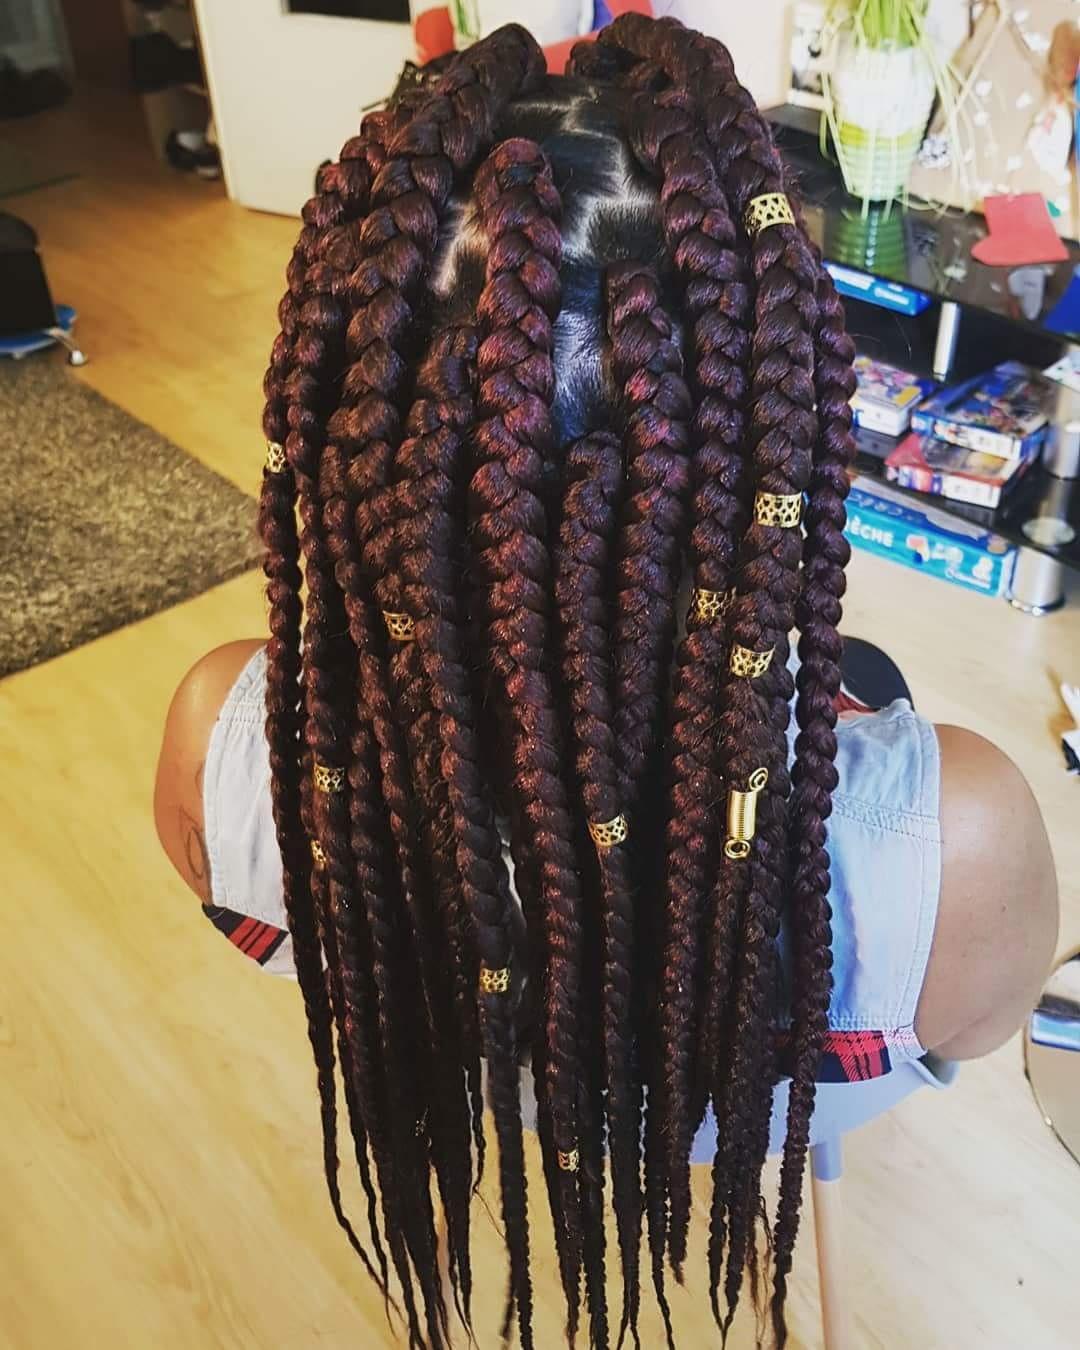 salon de coiffure afro tresse tresses box braids crochet braids vanilles tissages paris 75 77 78 91 92 93 94 95 EYFLVYFP